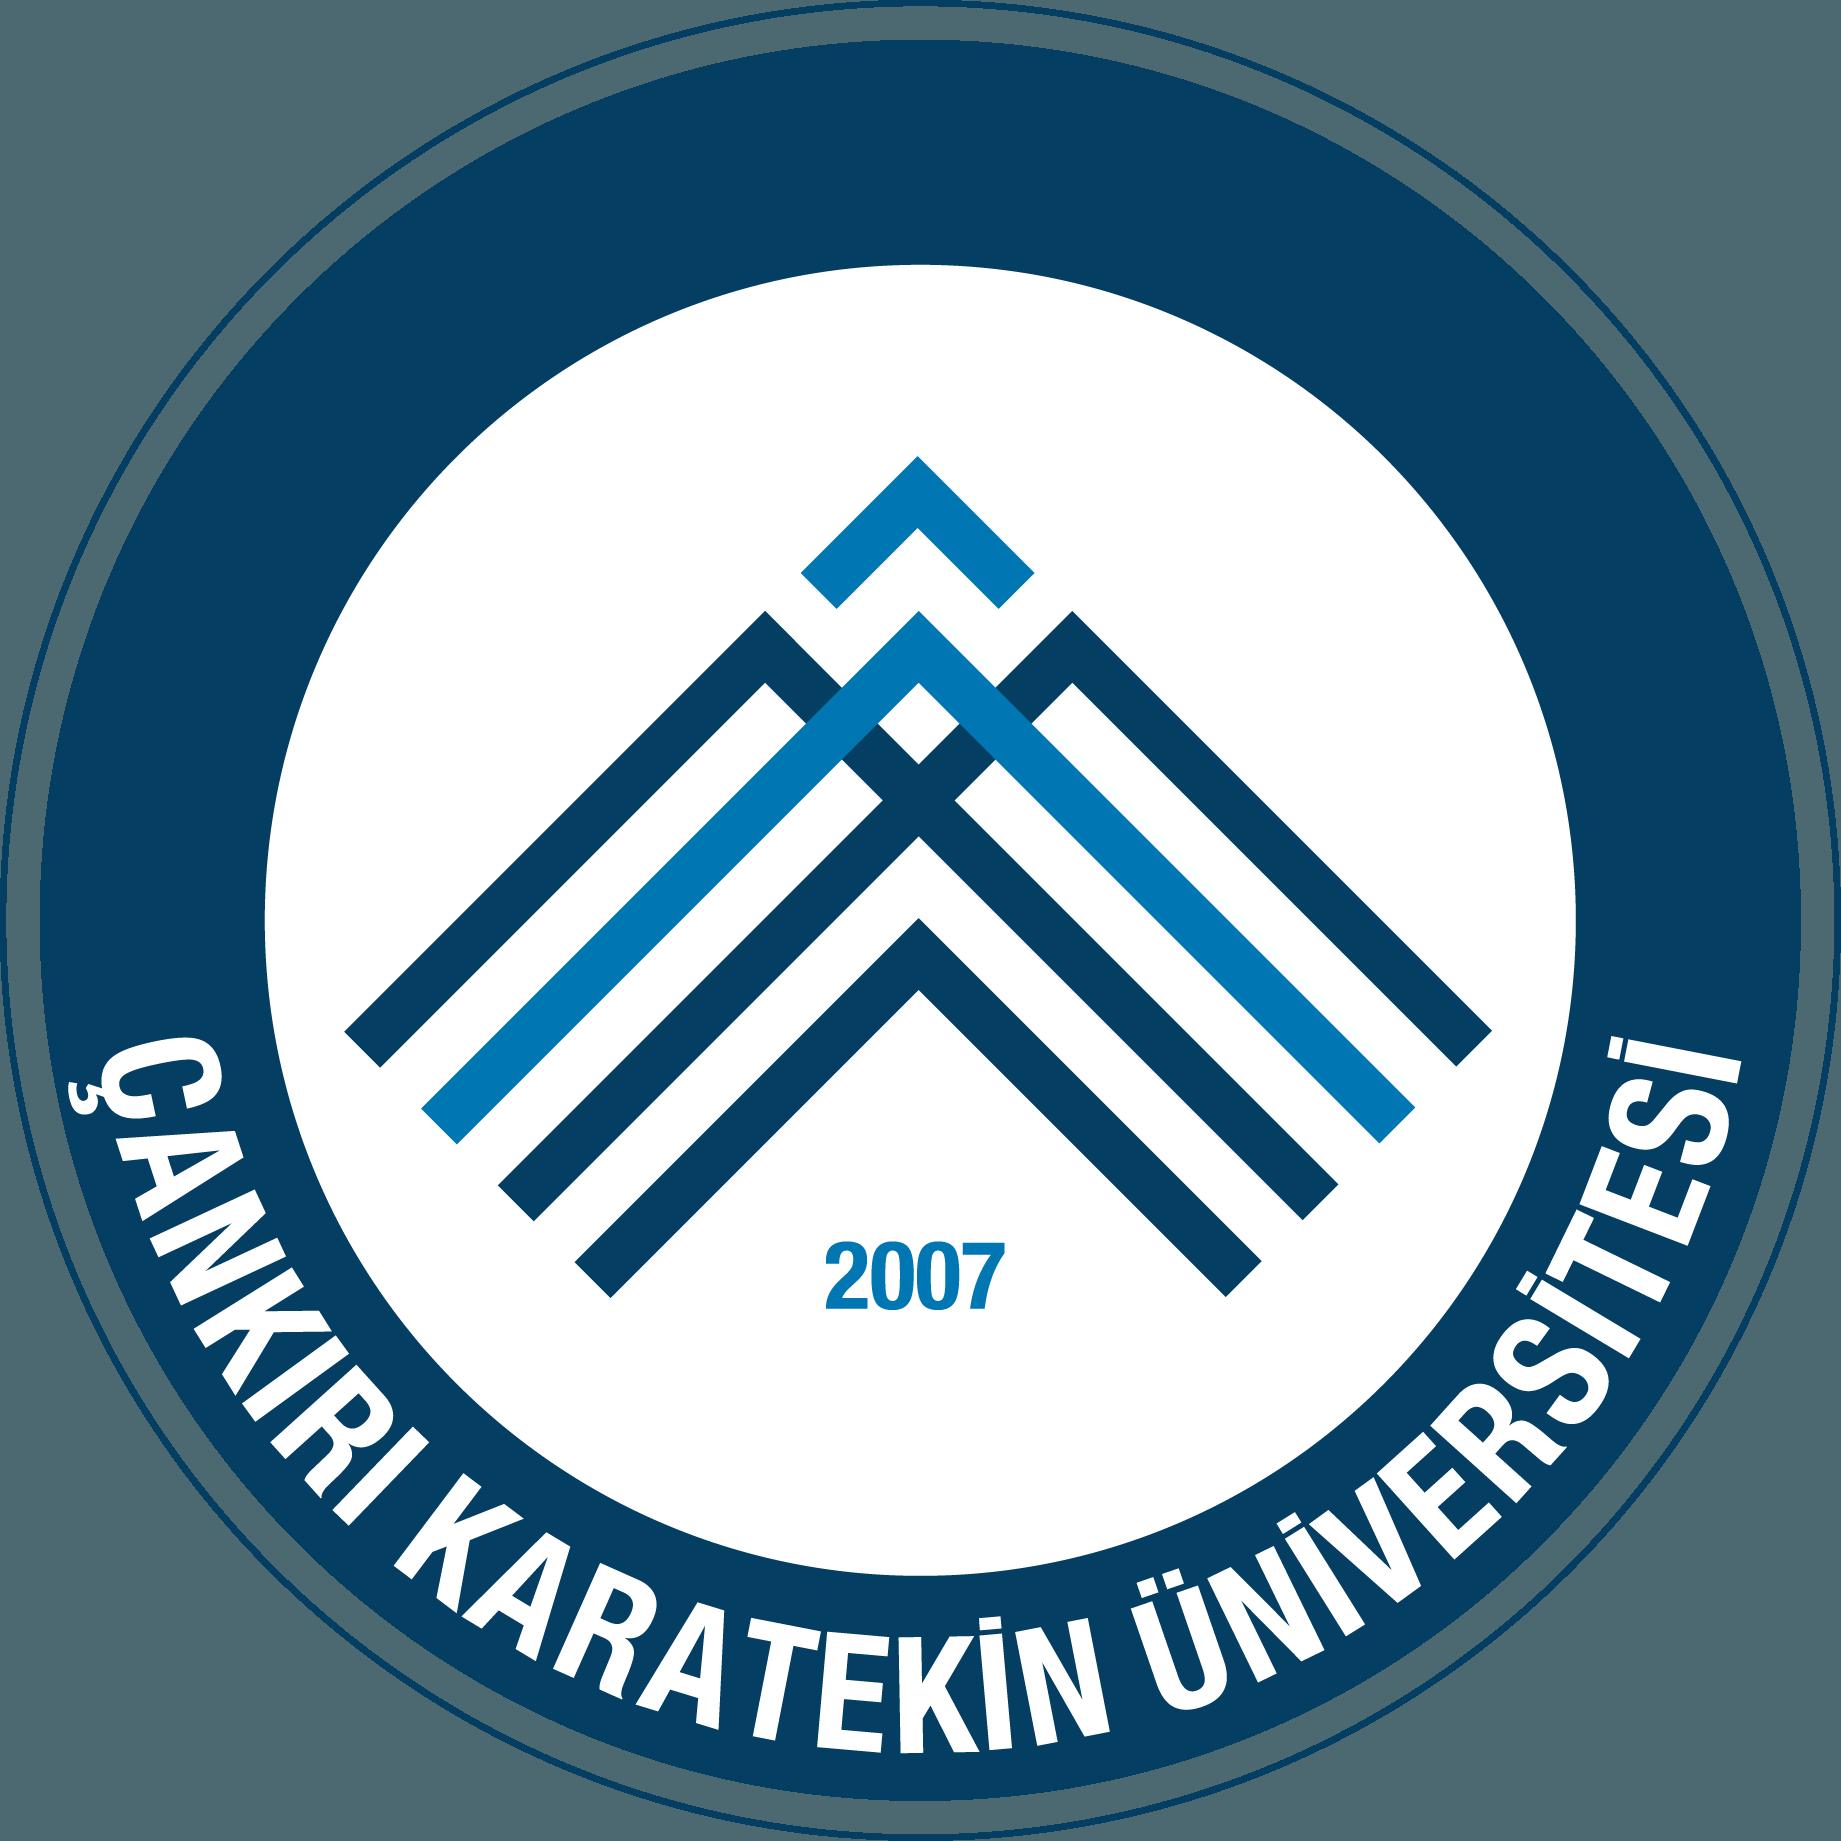 Çankırı Karatekin Üniversitesi Logo   Arma png